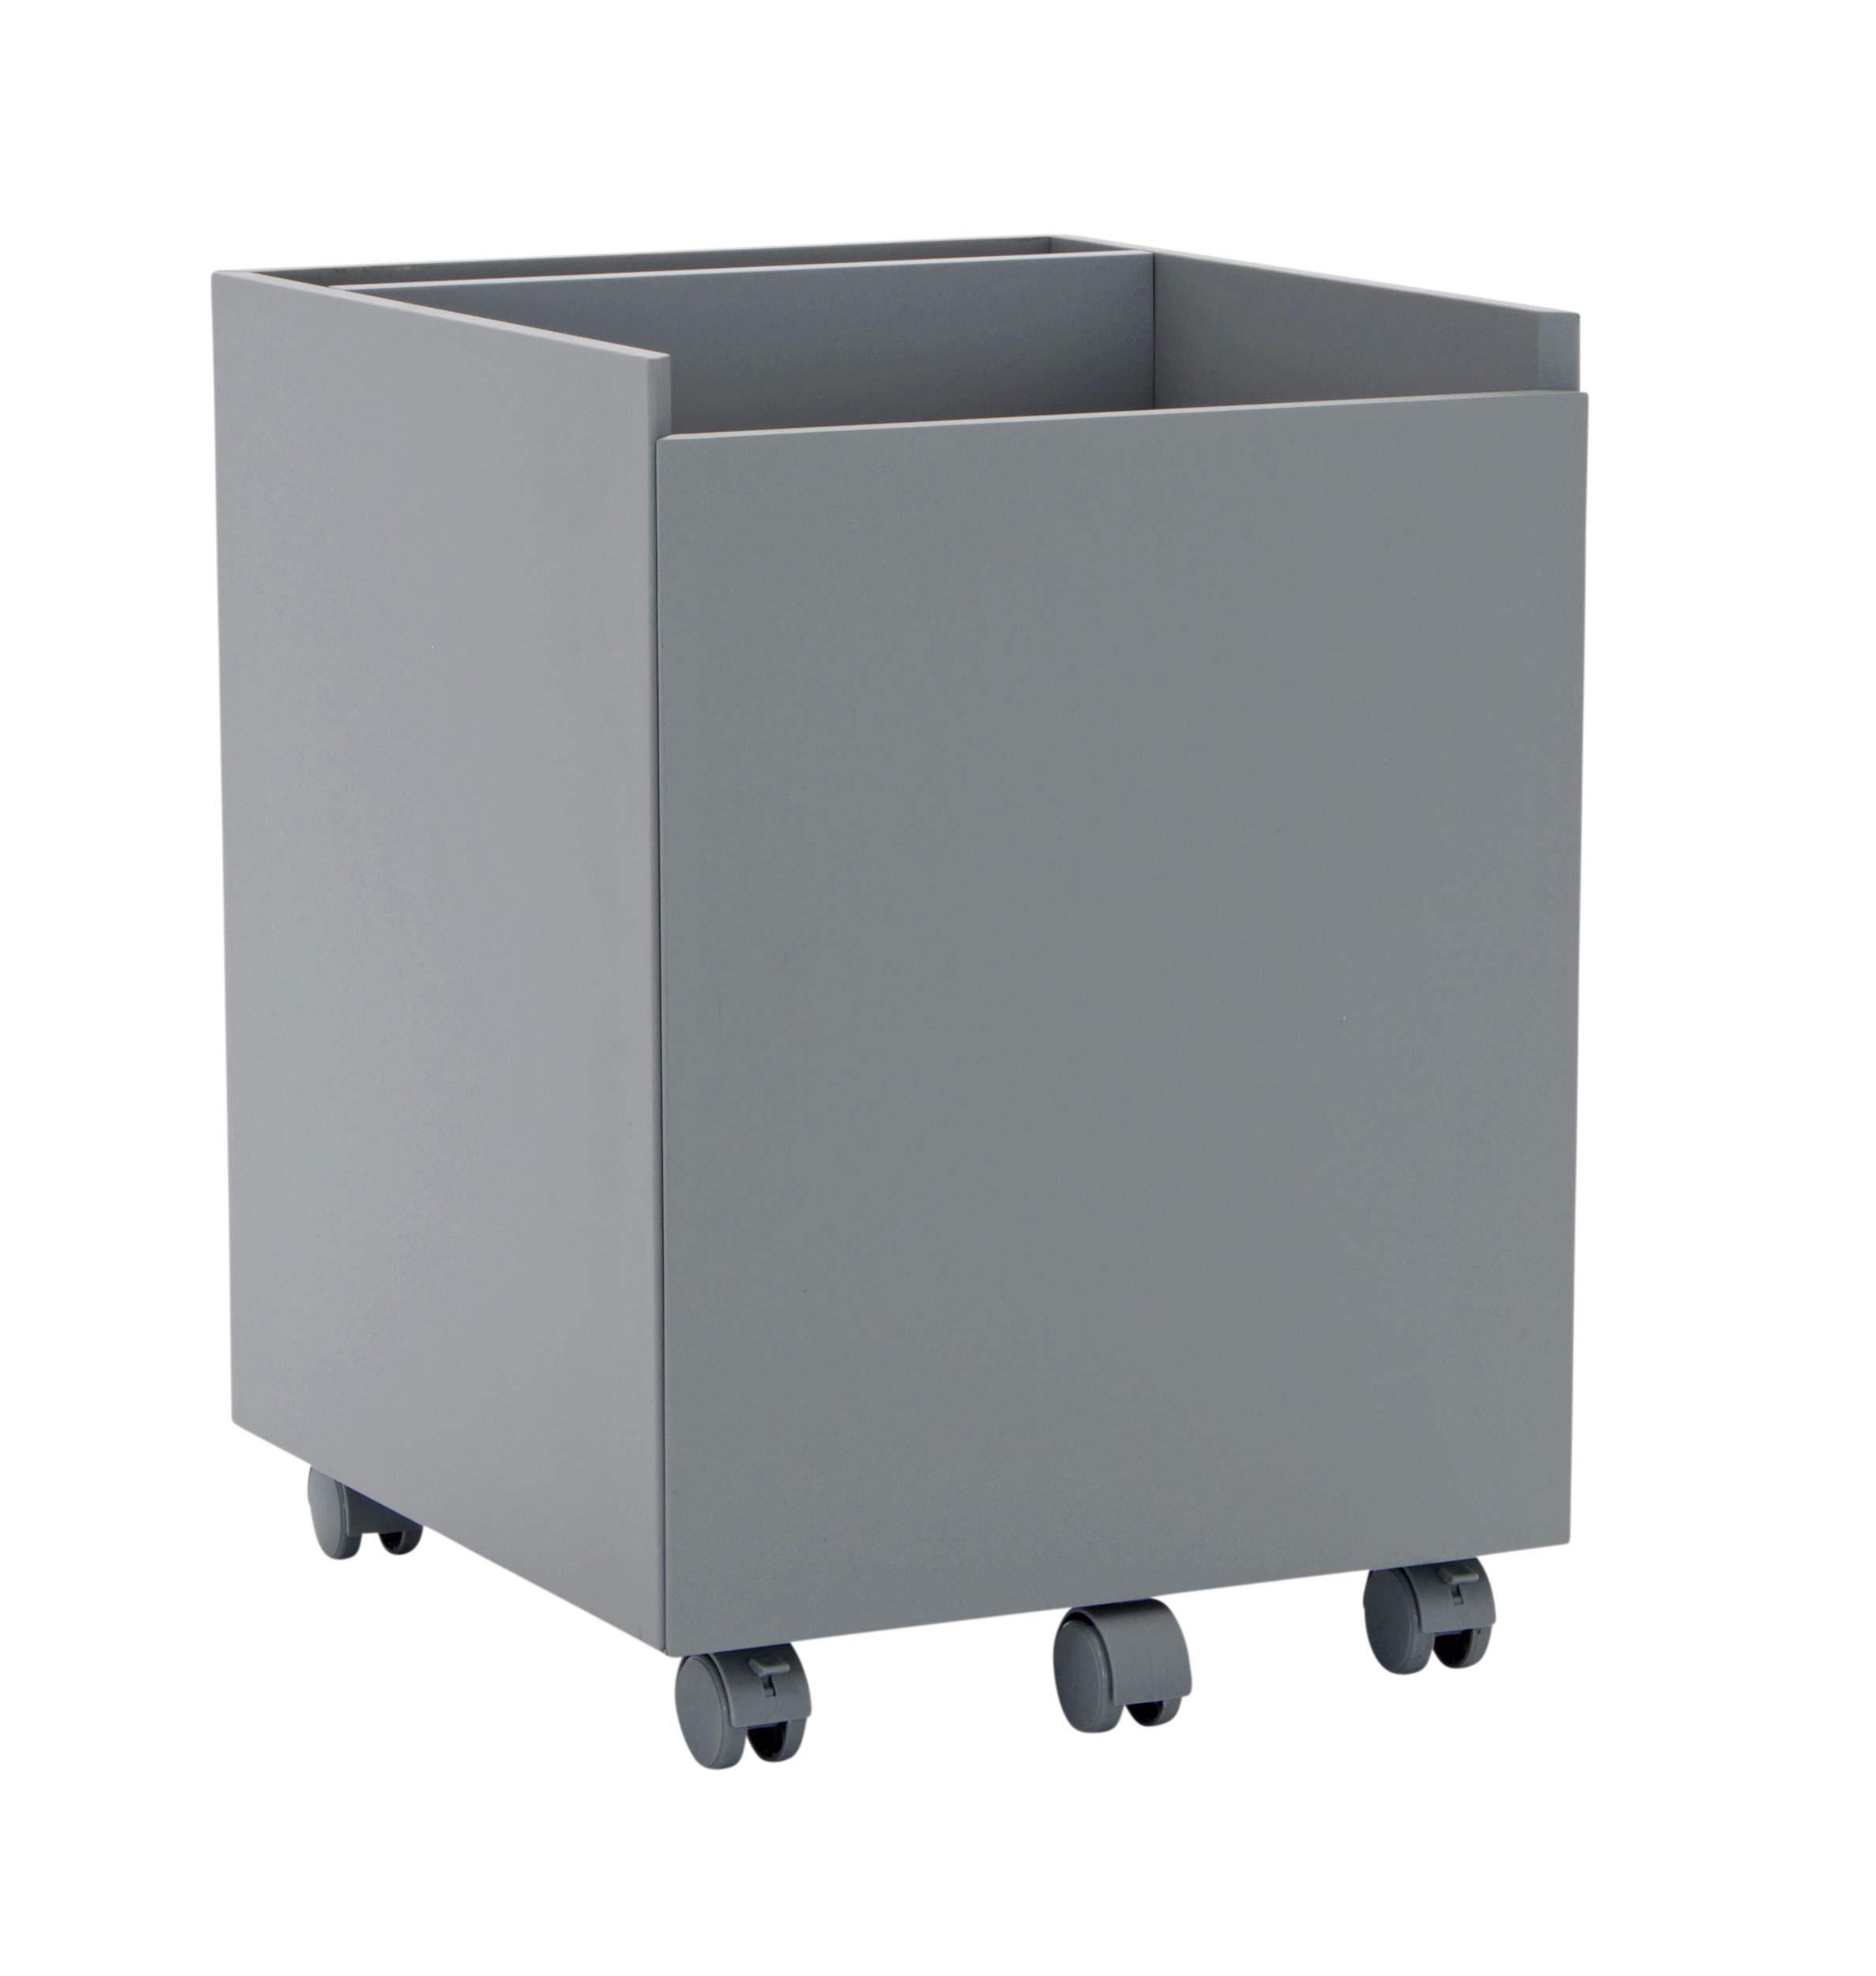 Calico Designs Niche Mobile File Cabinet, Gray by Calico Designs